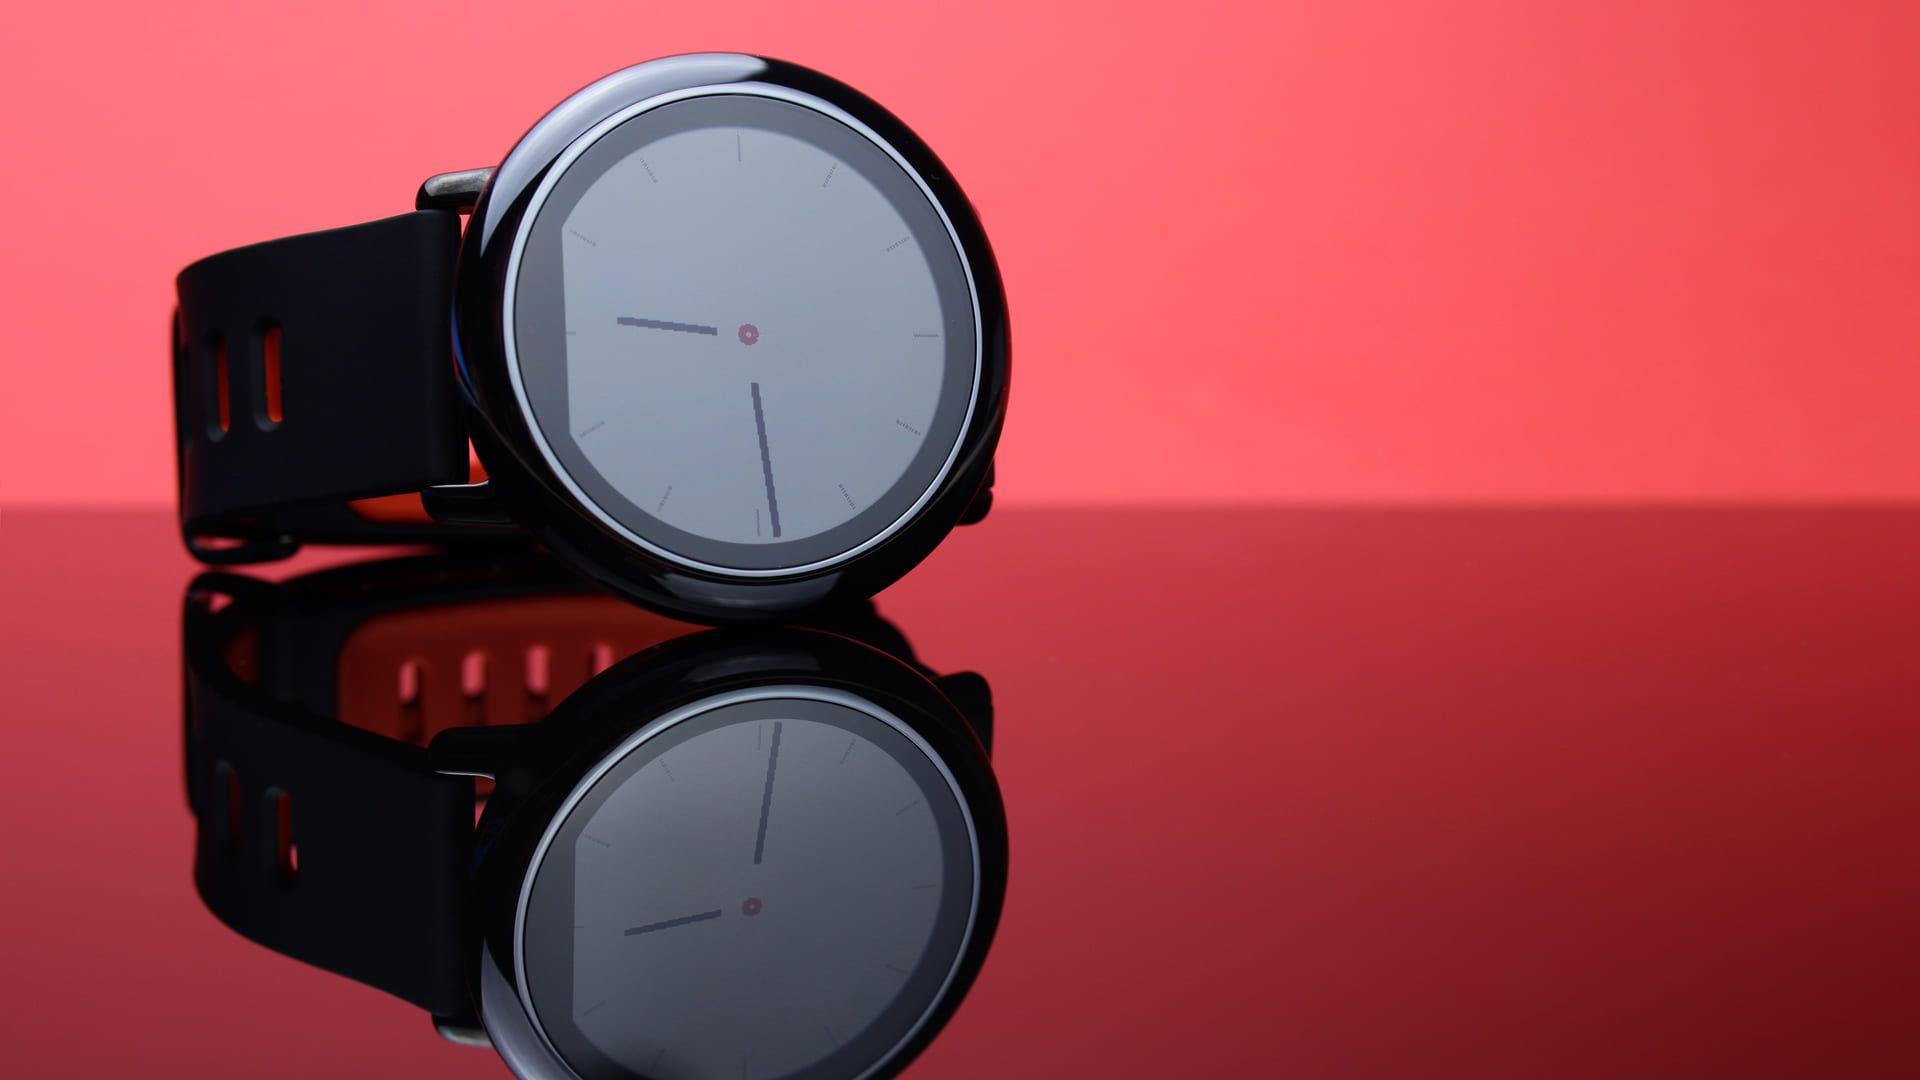 Smartwatch redondo alia tecnologia e design (Foto: Shutterstock)